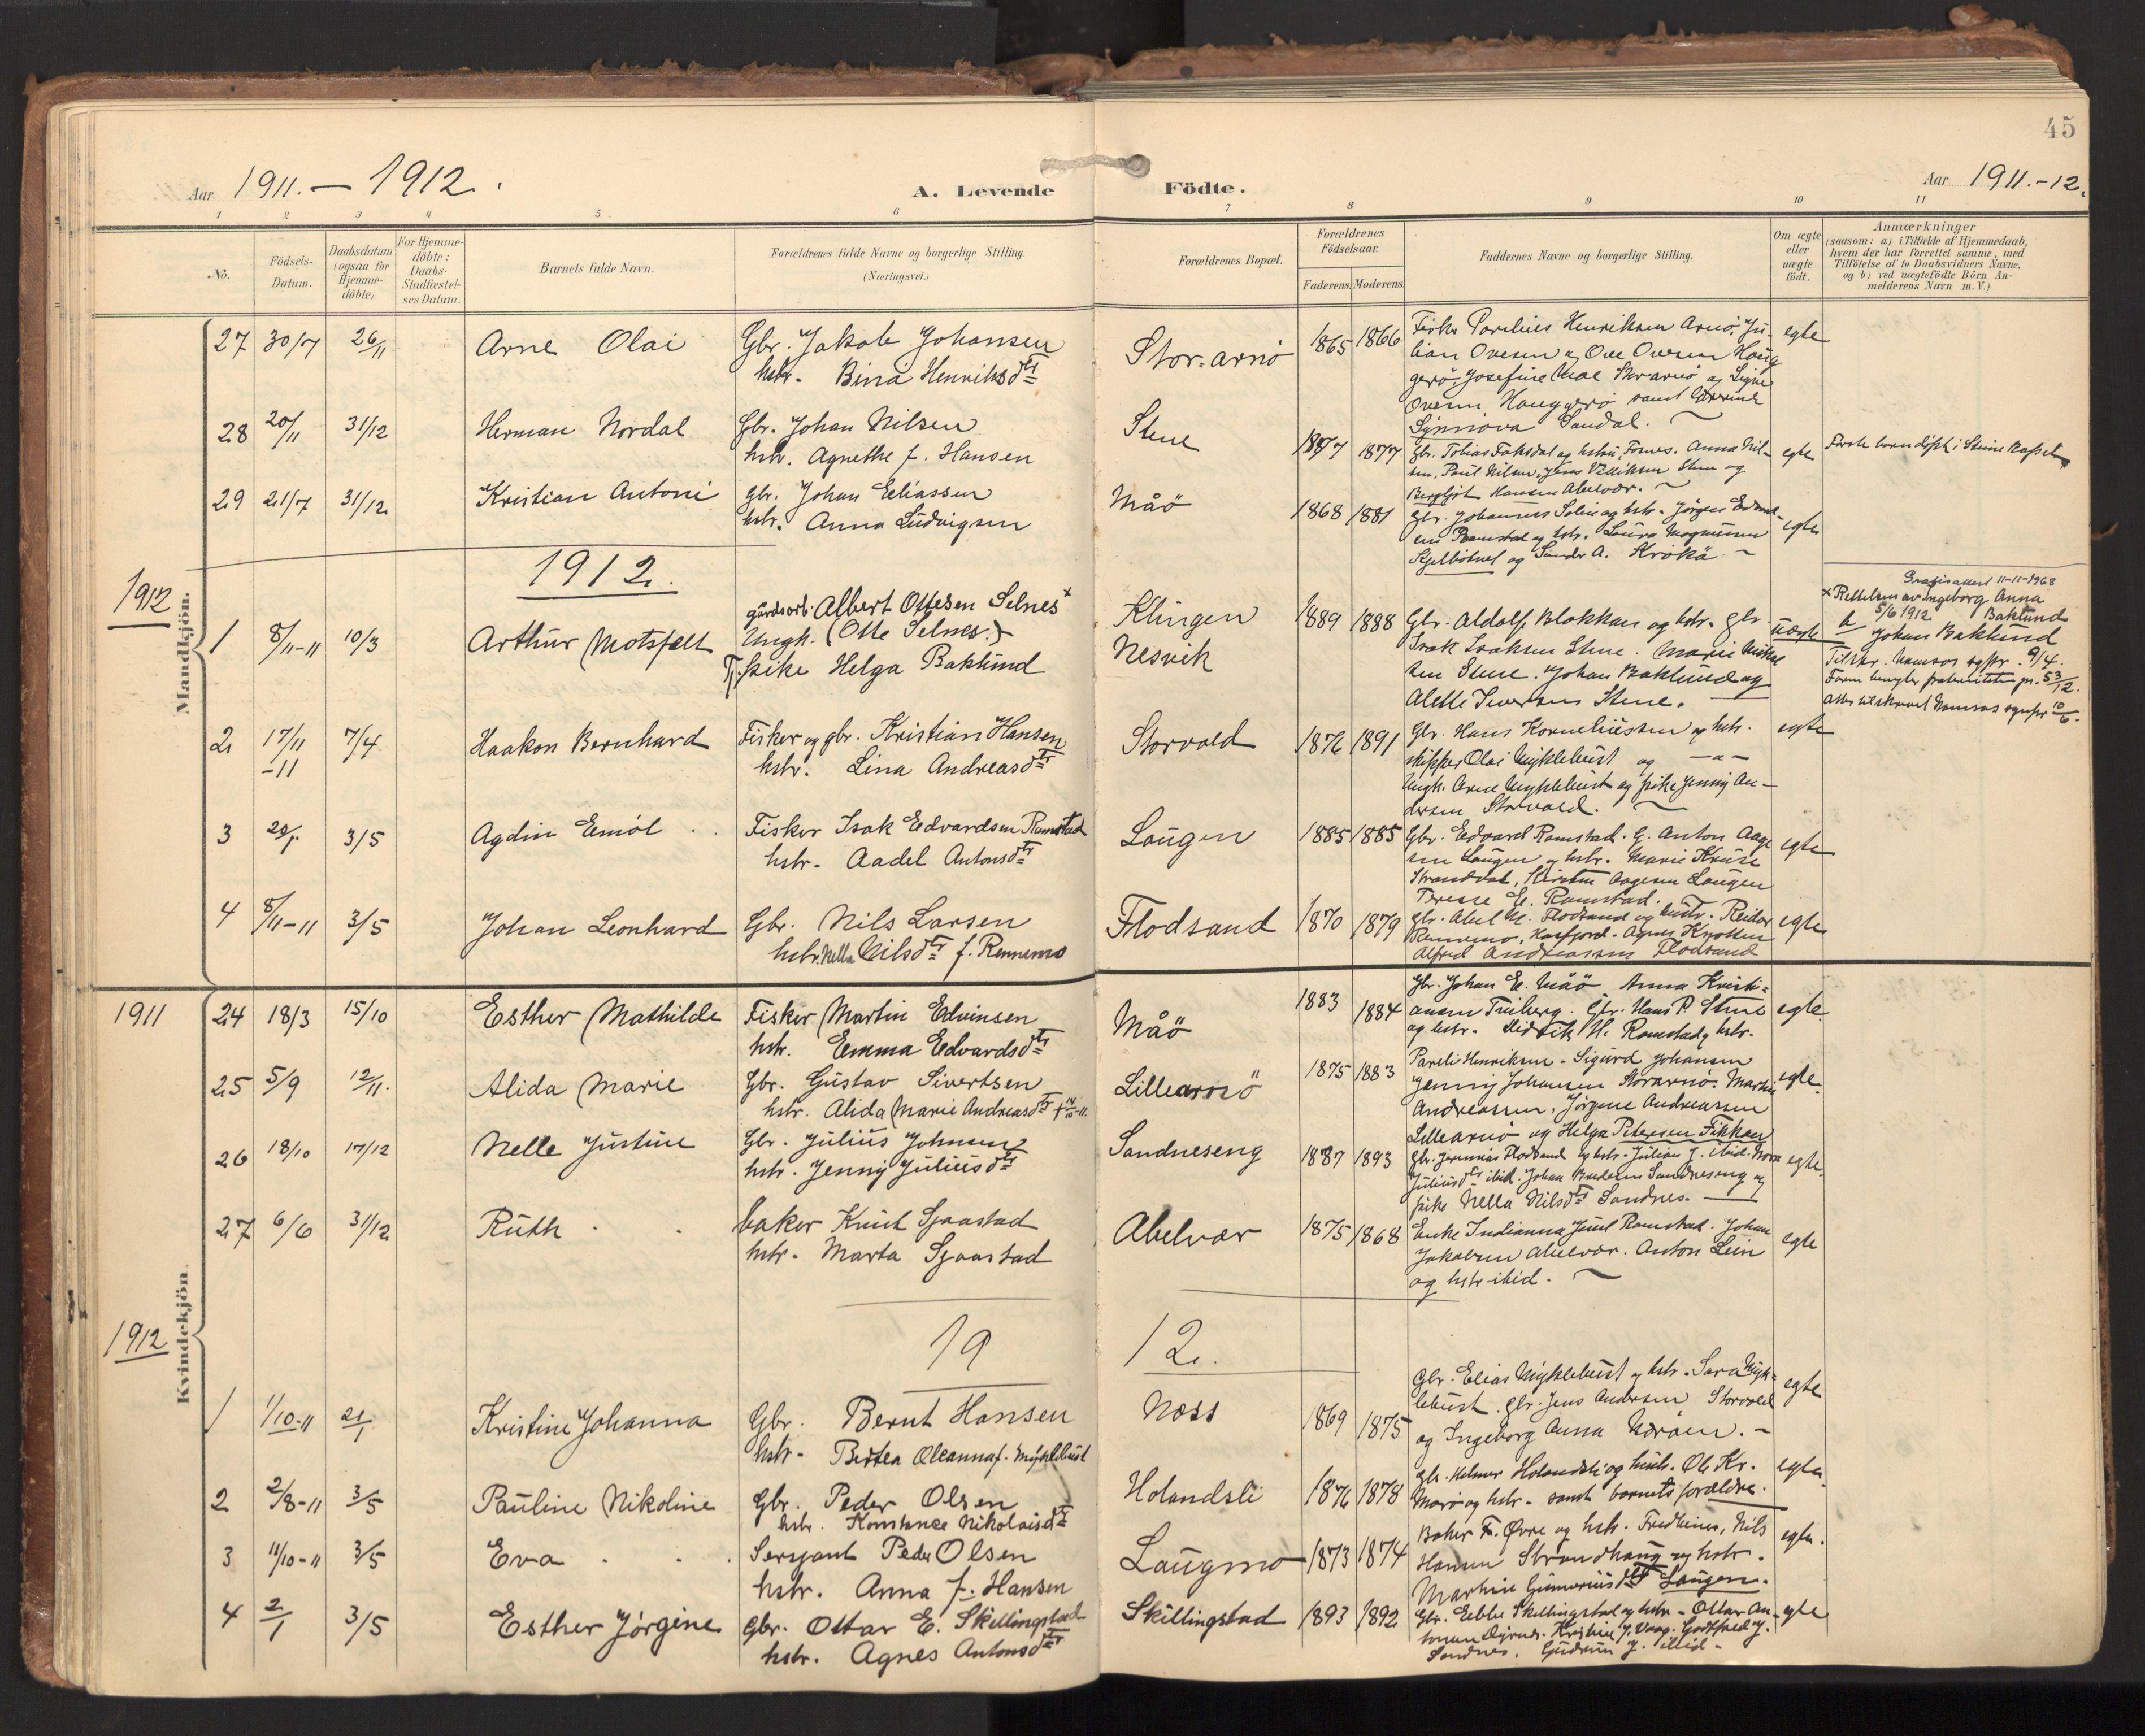 SAT, Ministerialprotokoller, klokkerbøker og fødselsregistre - Nord-Trøndelag, 784/L0677: Ministerialbok nr. 784A12, 1900-1920, s. 45